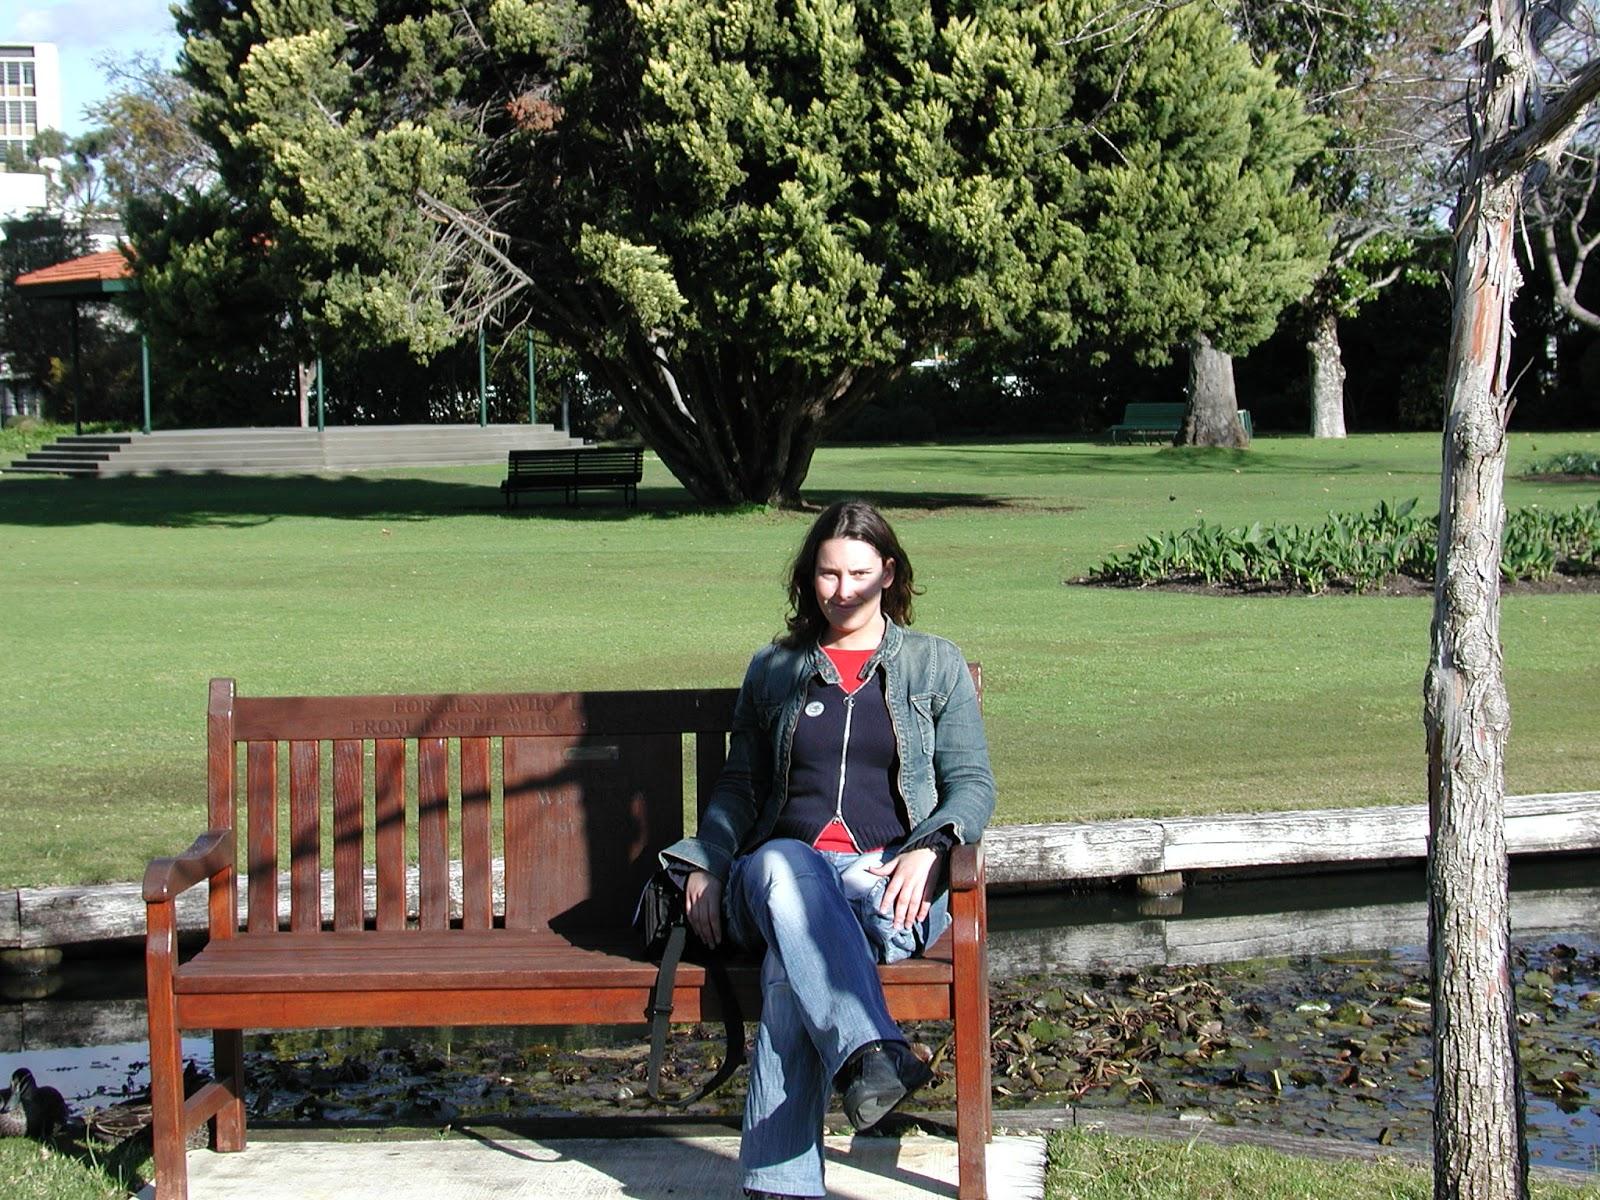 http://3.bp.blogspot.com/-YtHsecrhXgM/UIQCexXaThI/AAAAAAAADFY/sVROSYbTz1g/s1600/Queen+Garden+bench.JPG